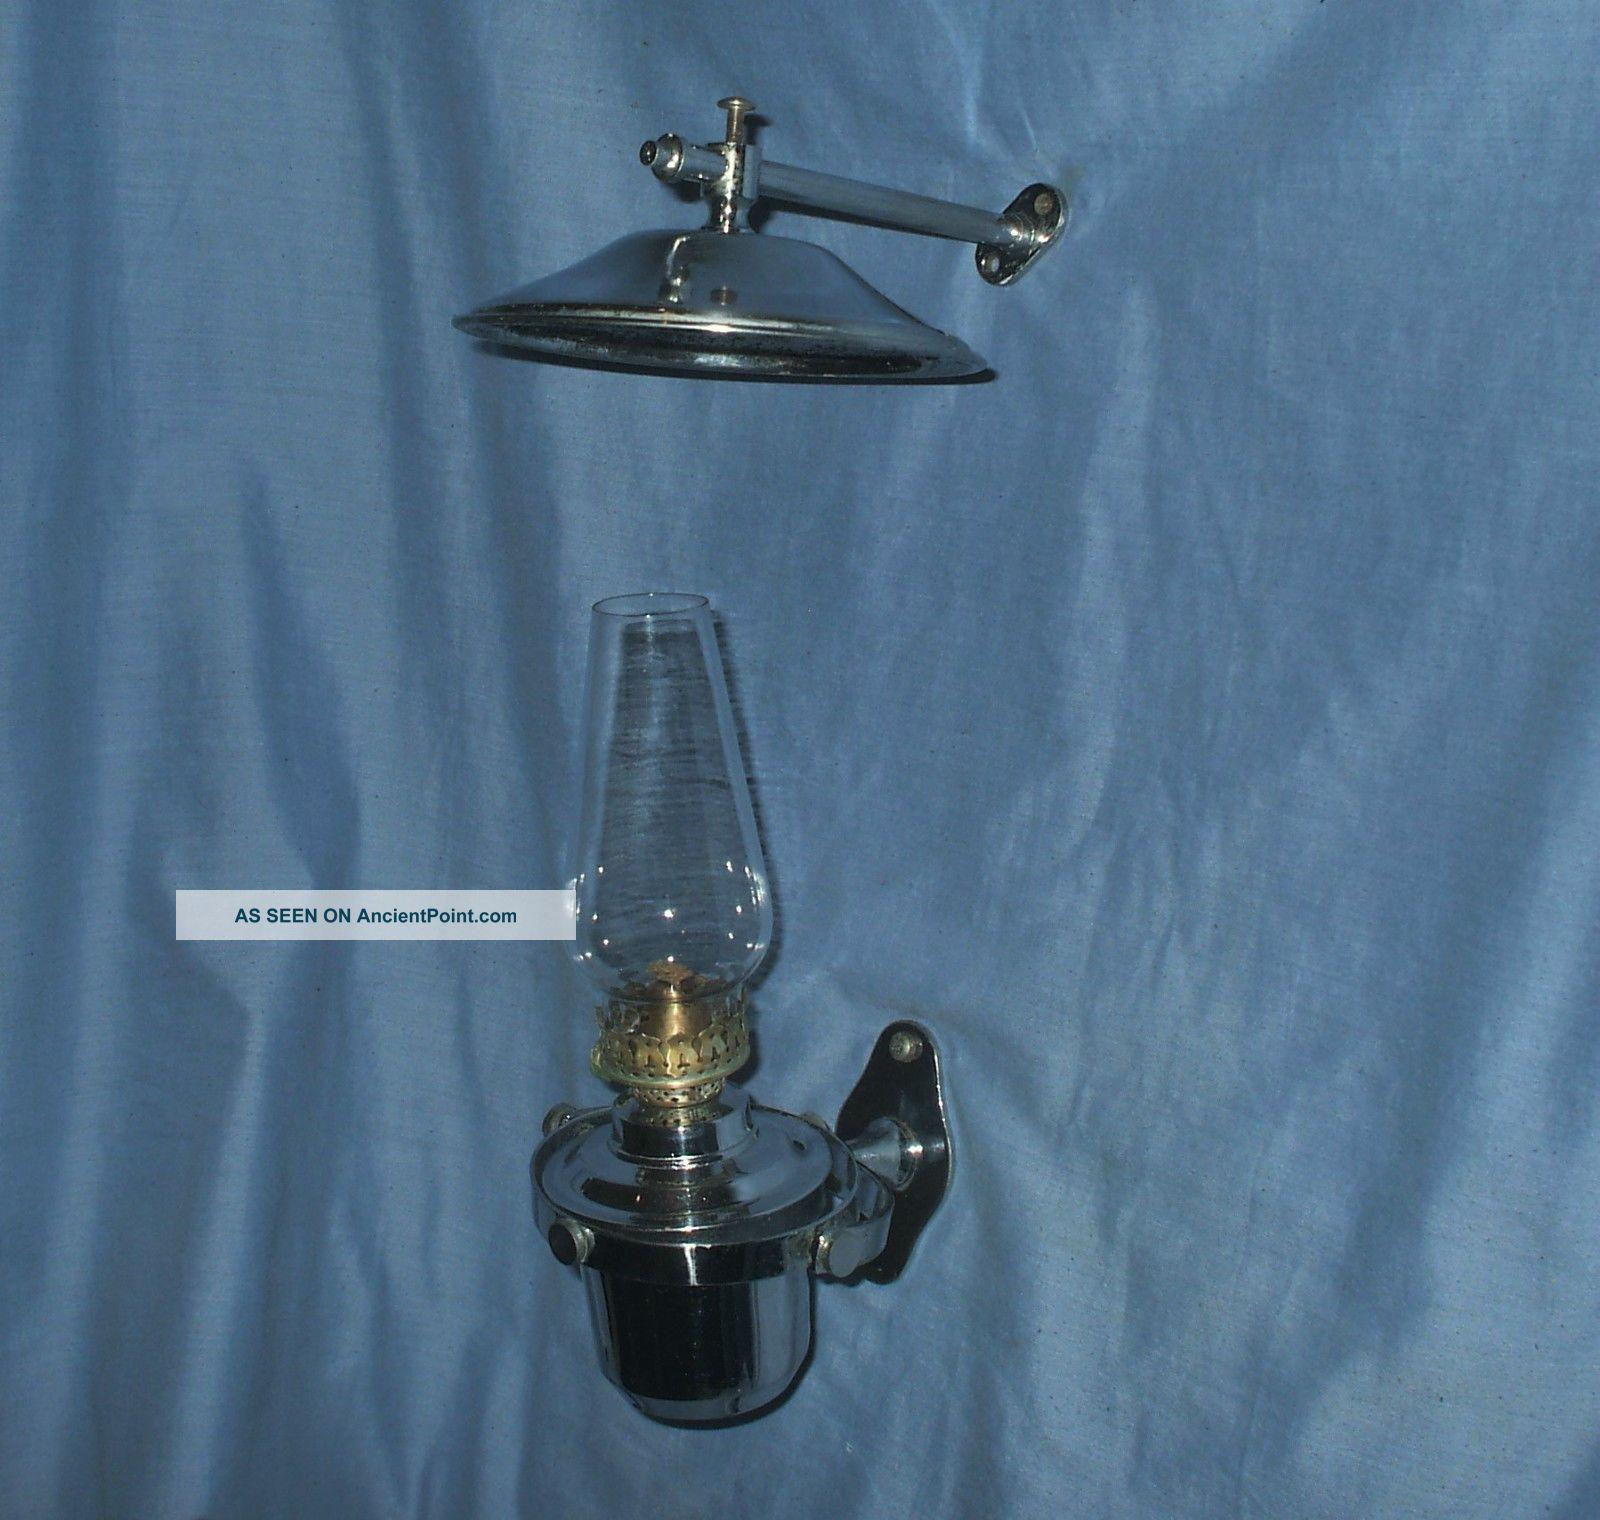 Chrome Gimbal Oil Lamp - Marine / Caravan / Camper Van / Home 20th Century photo